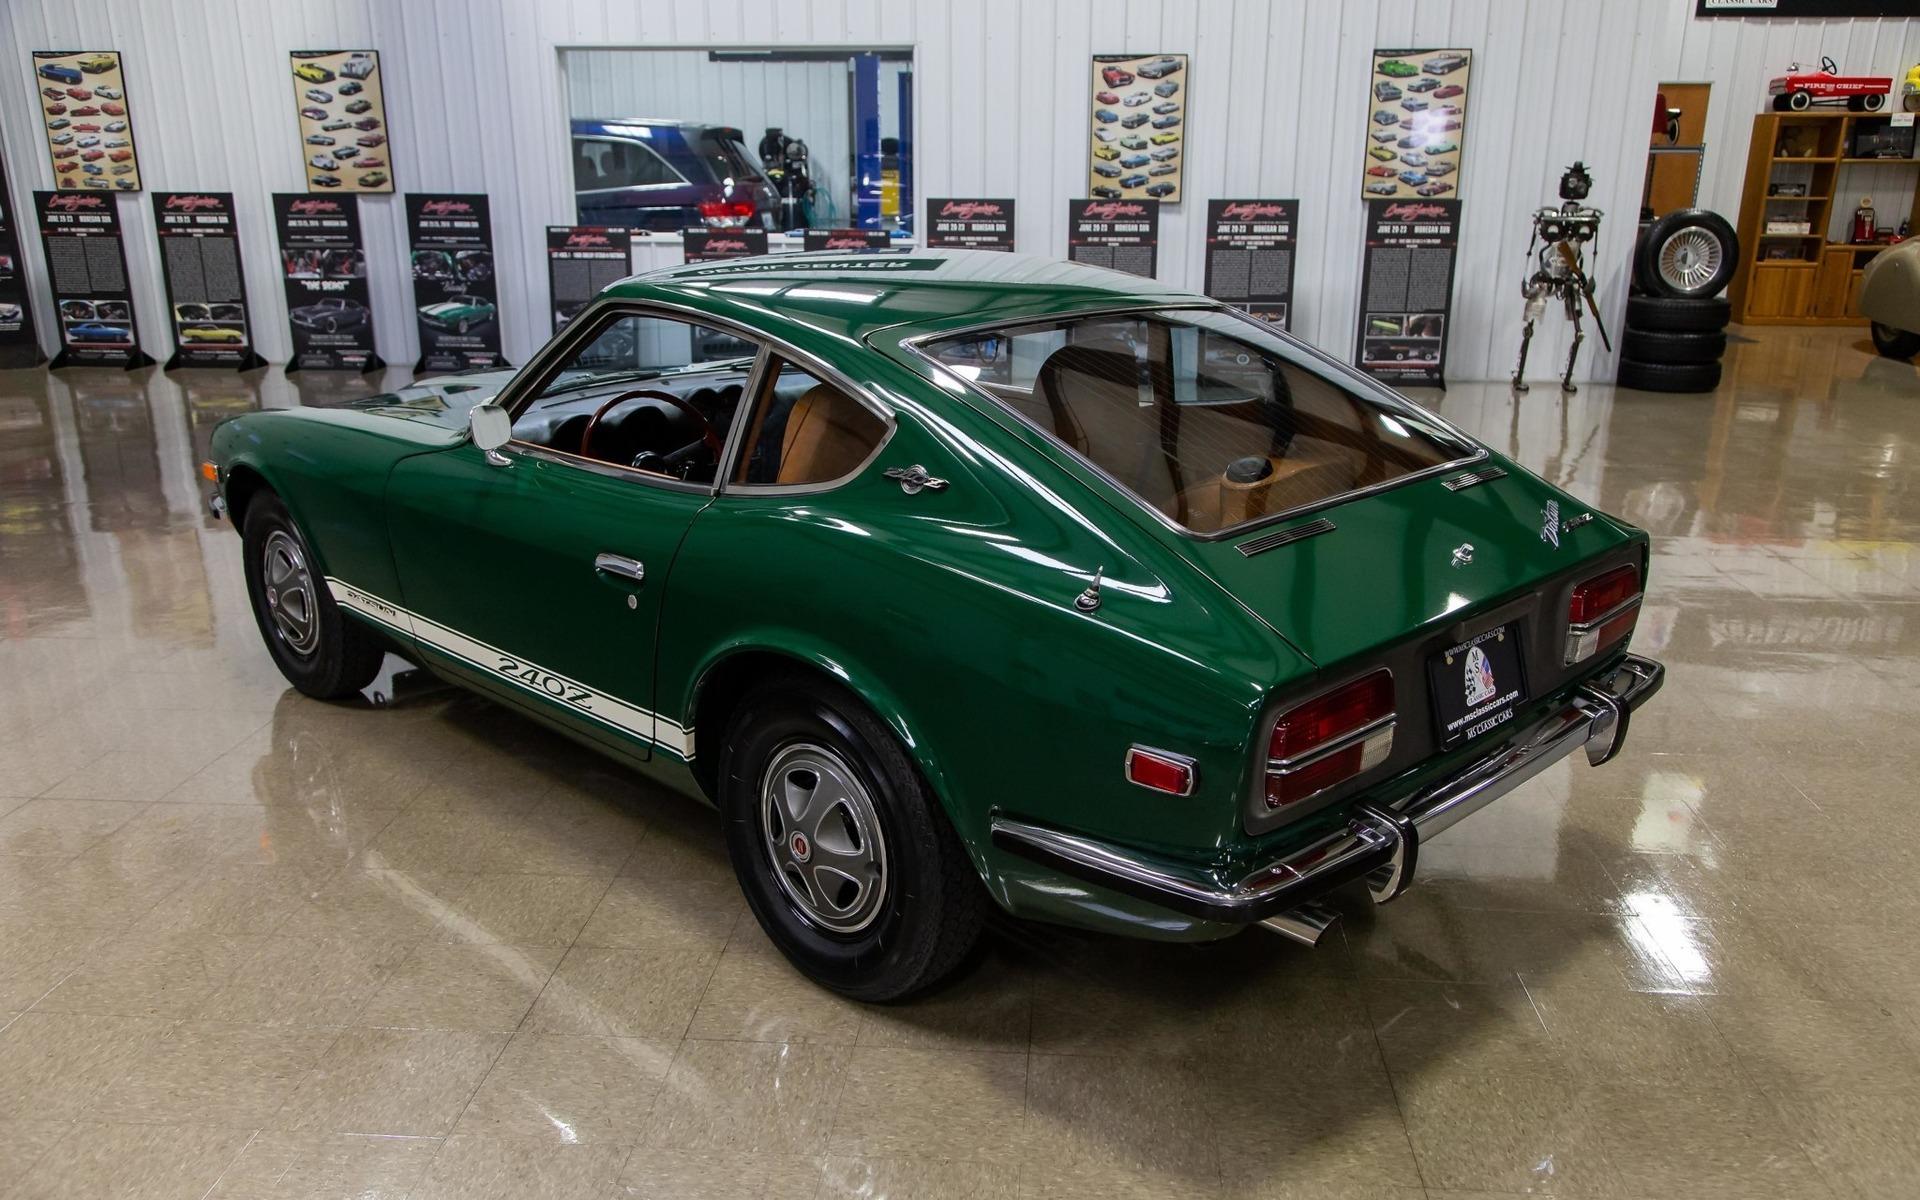 Cette vieille Datsun s'est vendue plus de 400 000 $ 408490_1971_Datsun